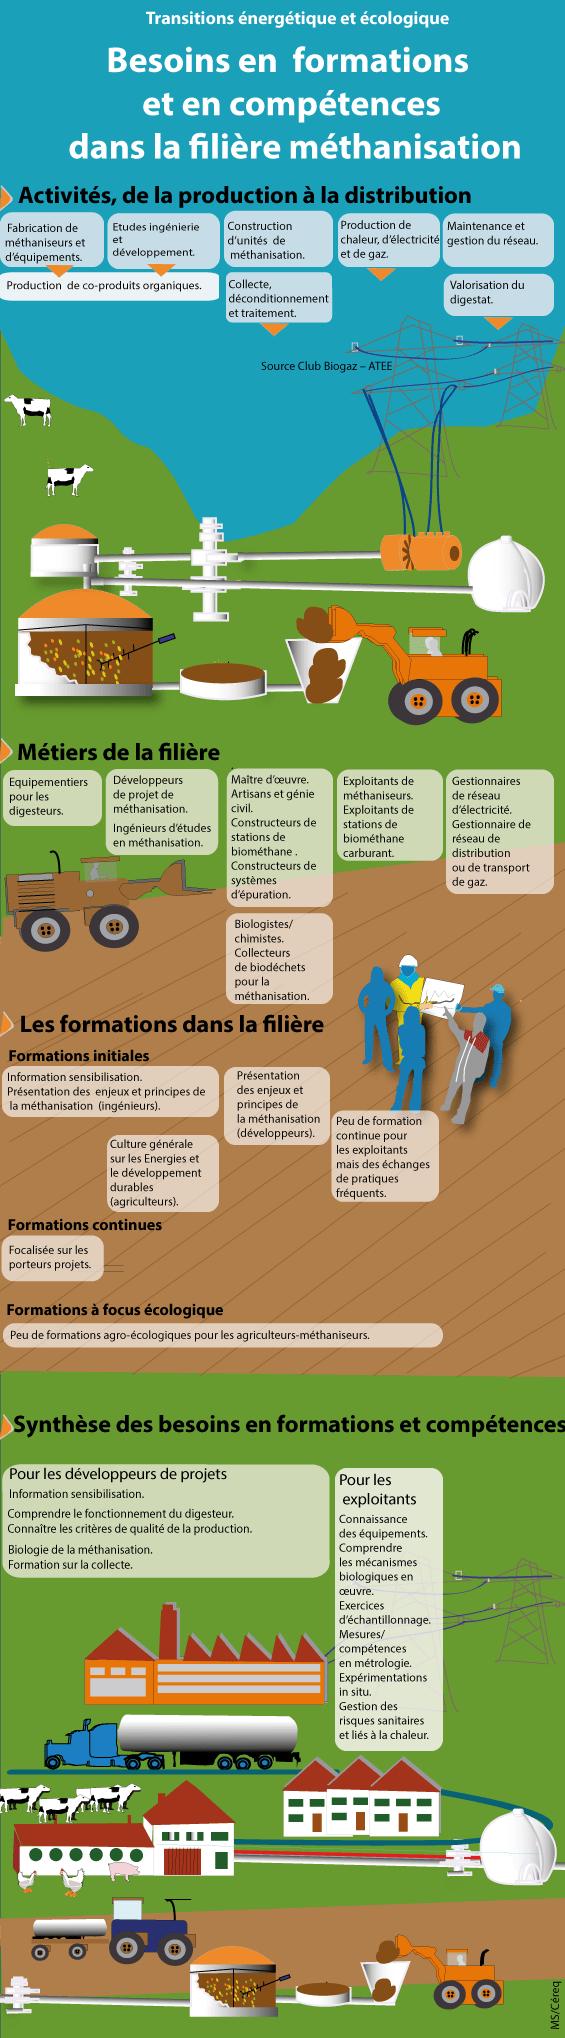 Infographie sur la filière méthanisation (Céreq)